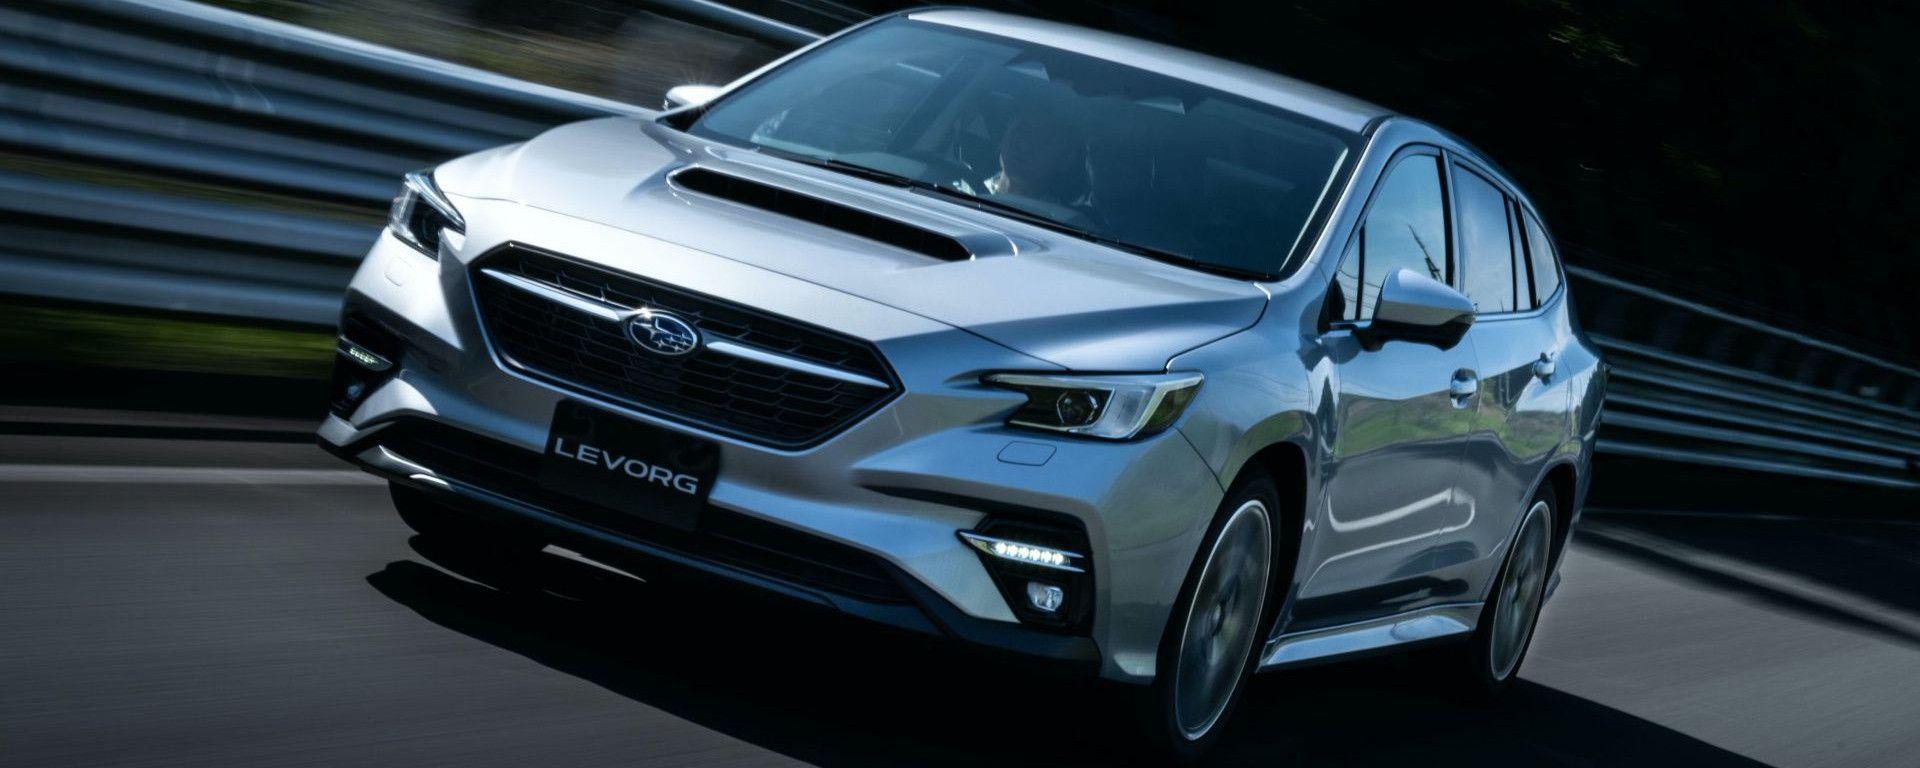 Subaru Levorg 2021, il design è più affilato